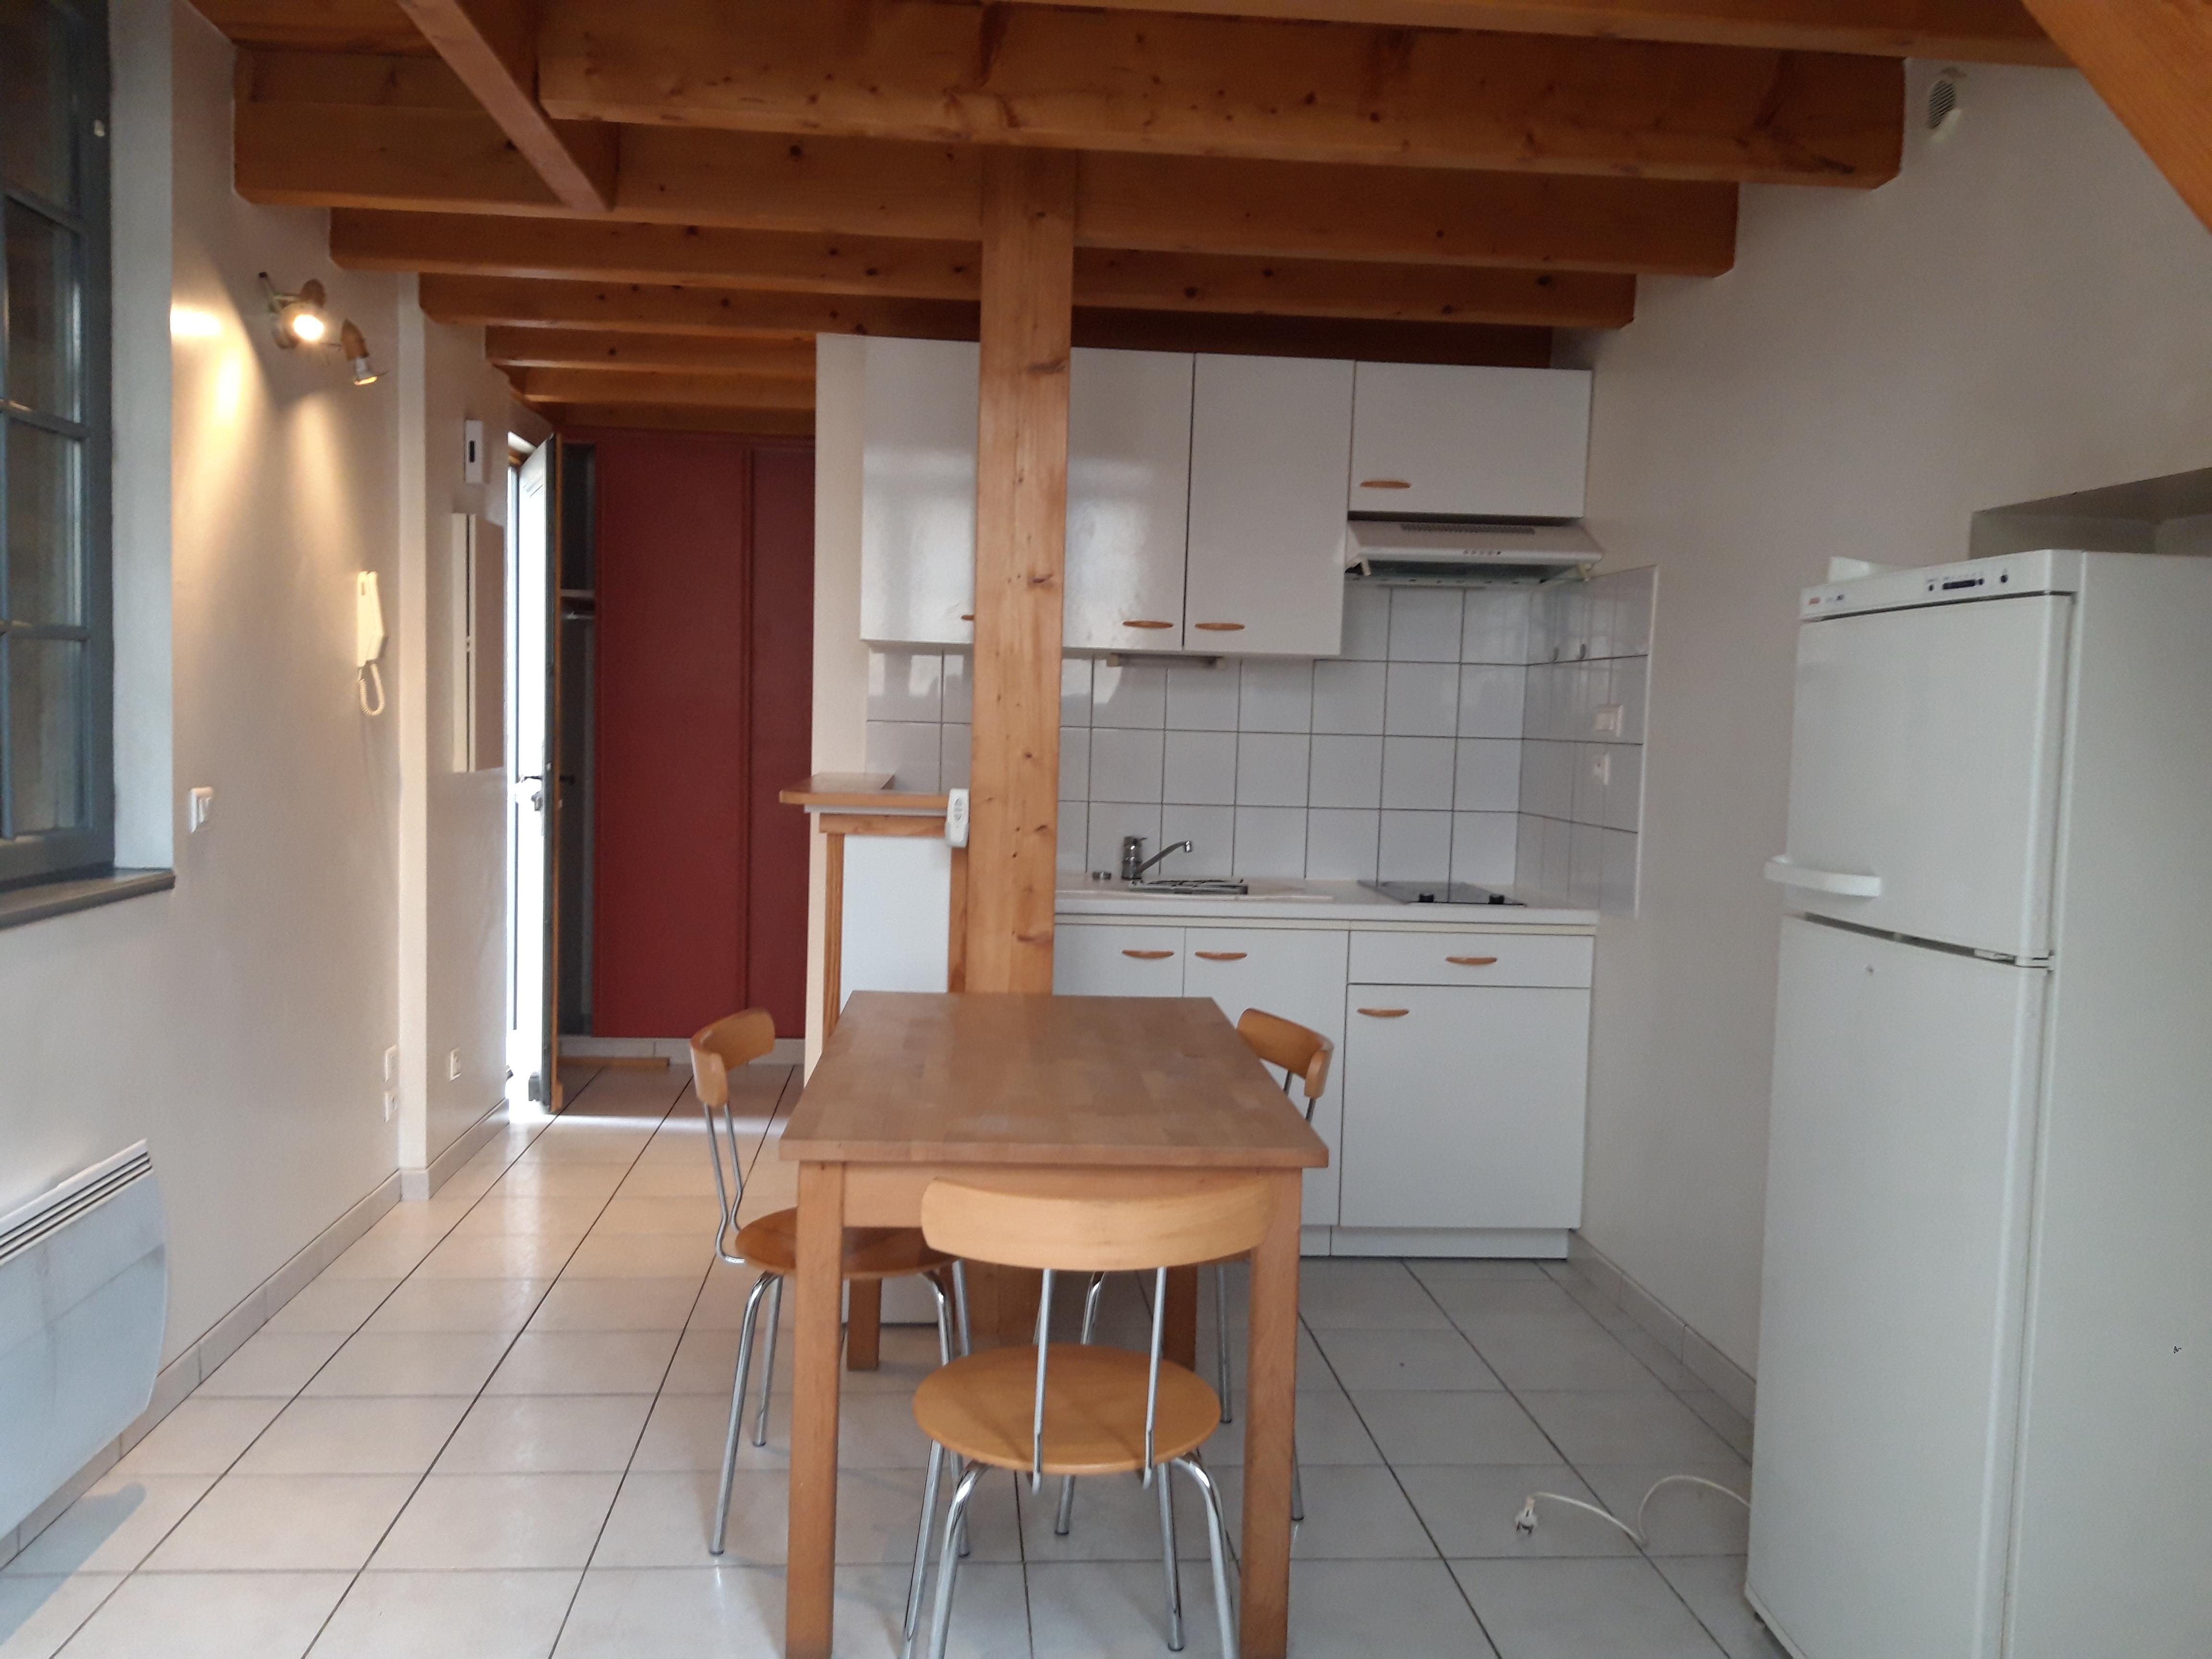 Appartement T2 duplex en RDC à louer dans le centre historique